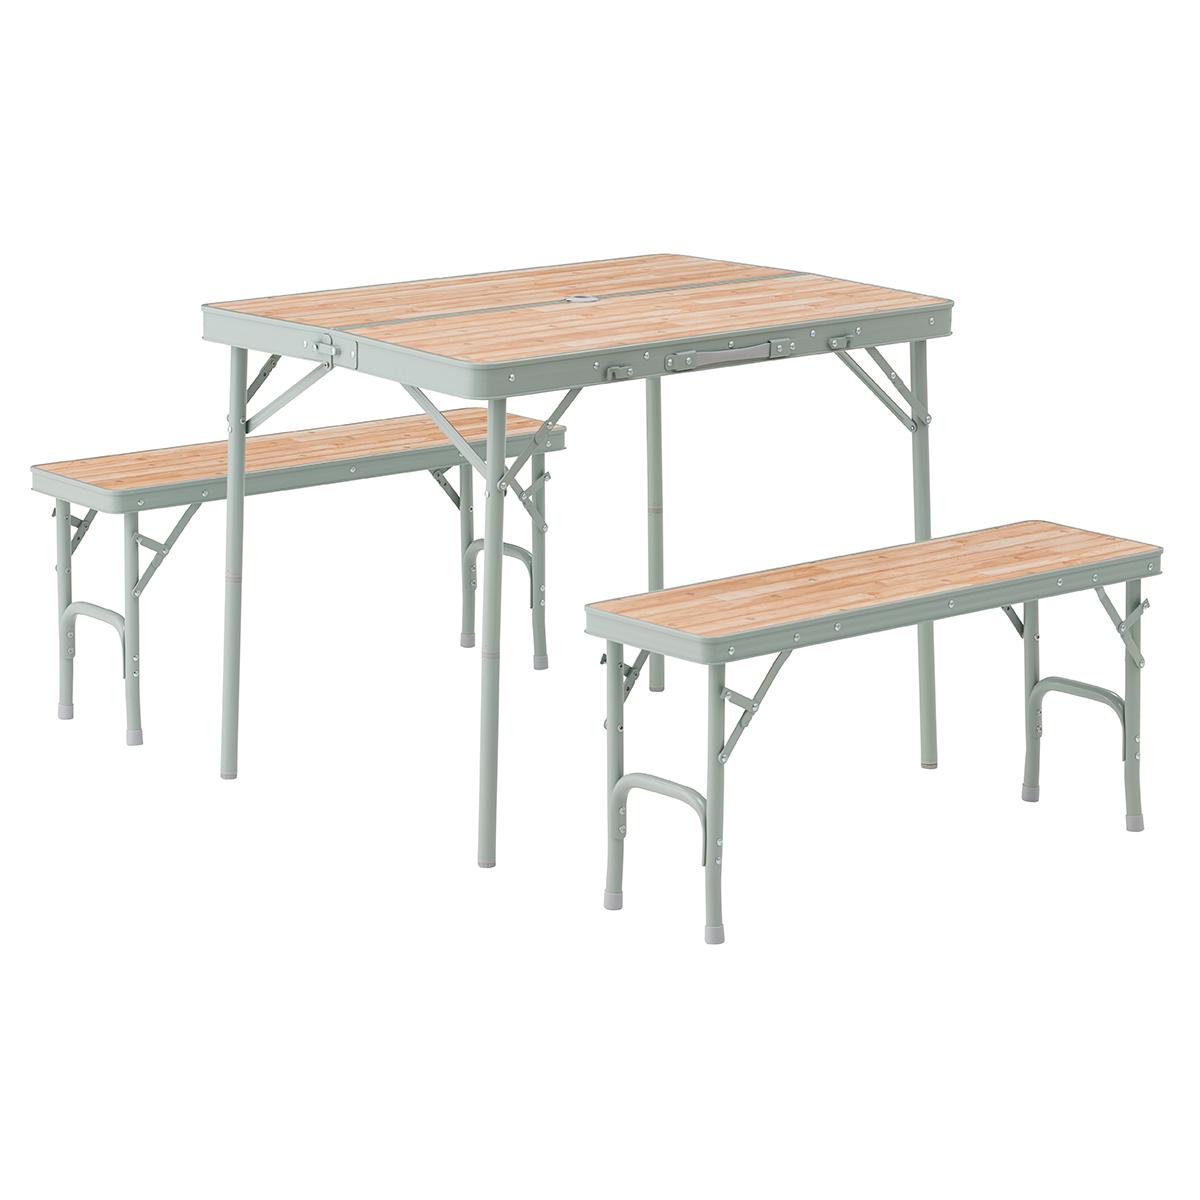 OUTDOOR LOGOS(ロゴス) LOGOS Life ベンチテーブルセット4 73183013テーブル レジャーシート テーブルセット アウトドアギア